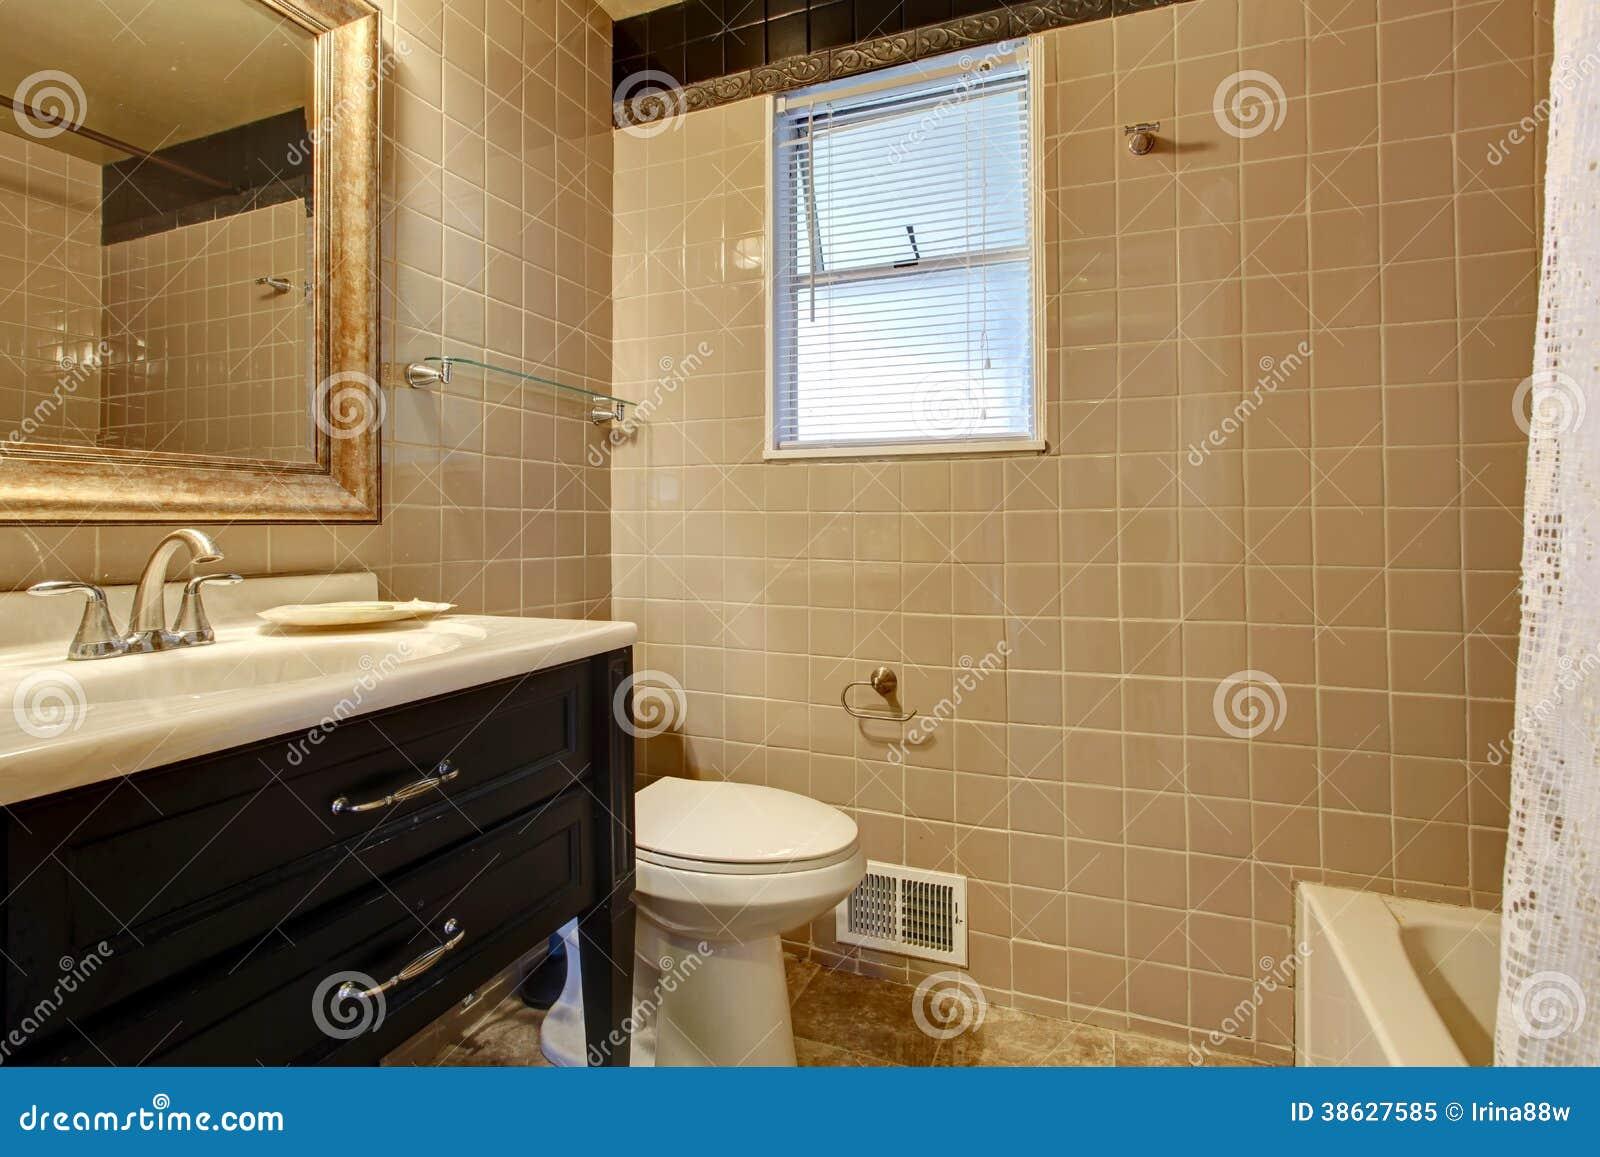 Gabinetes De Baño Pr:de baño de la pared de la teja con un piso concreto Gabinete de